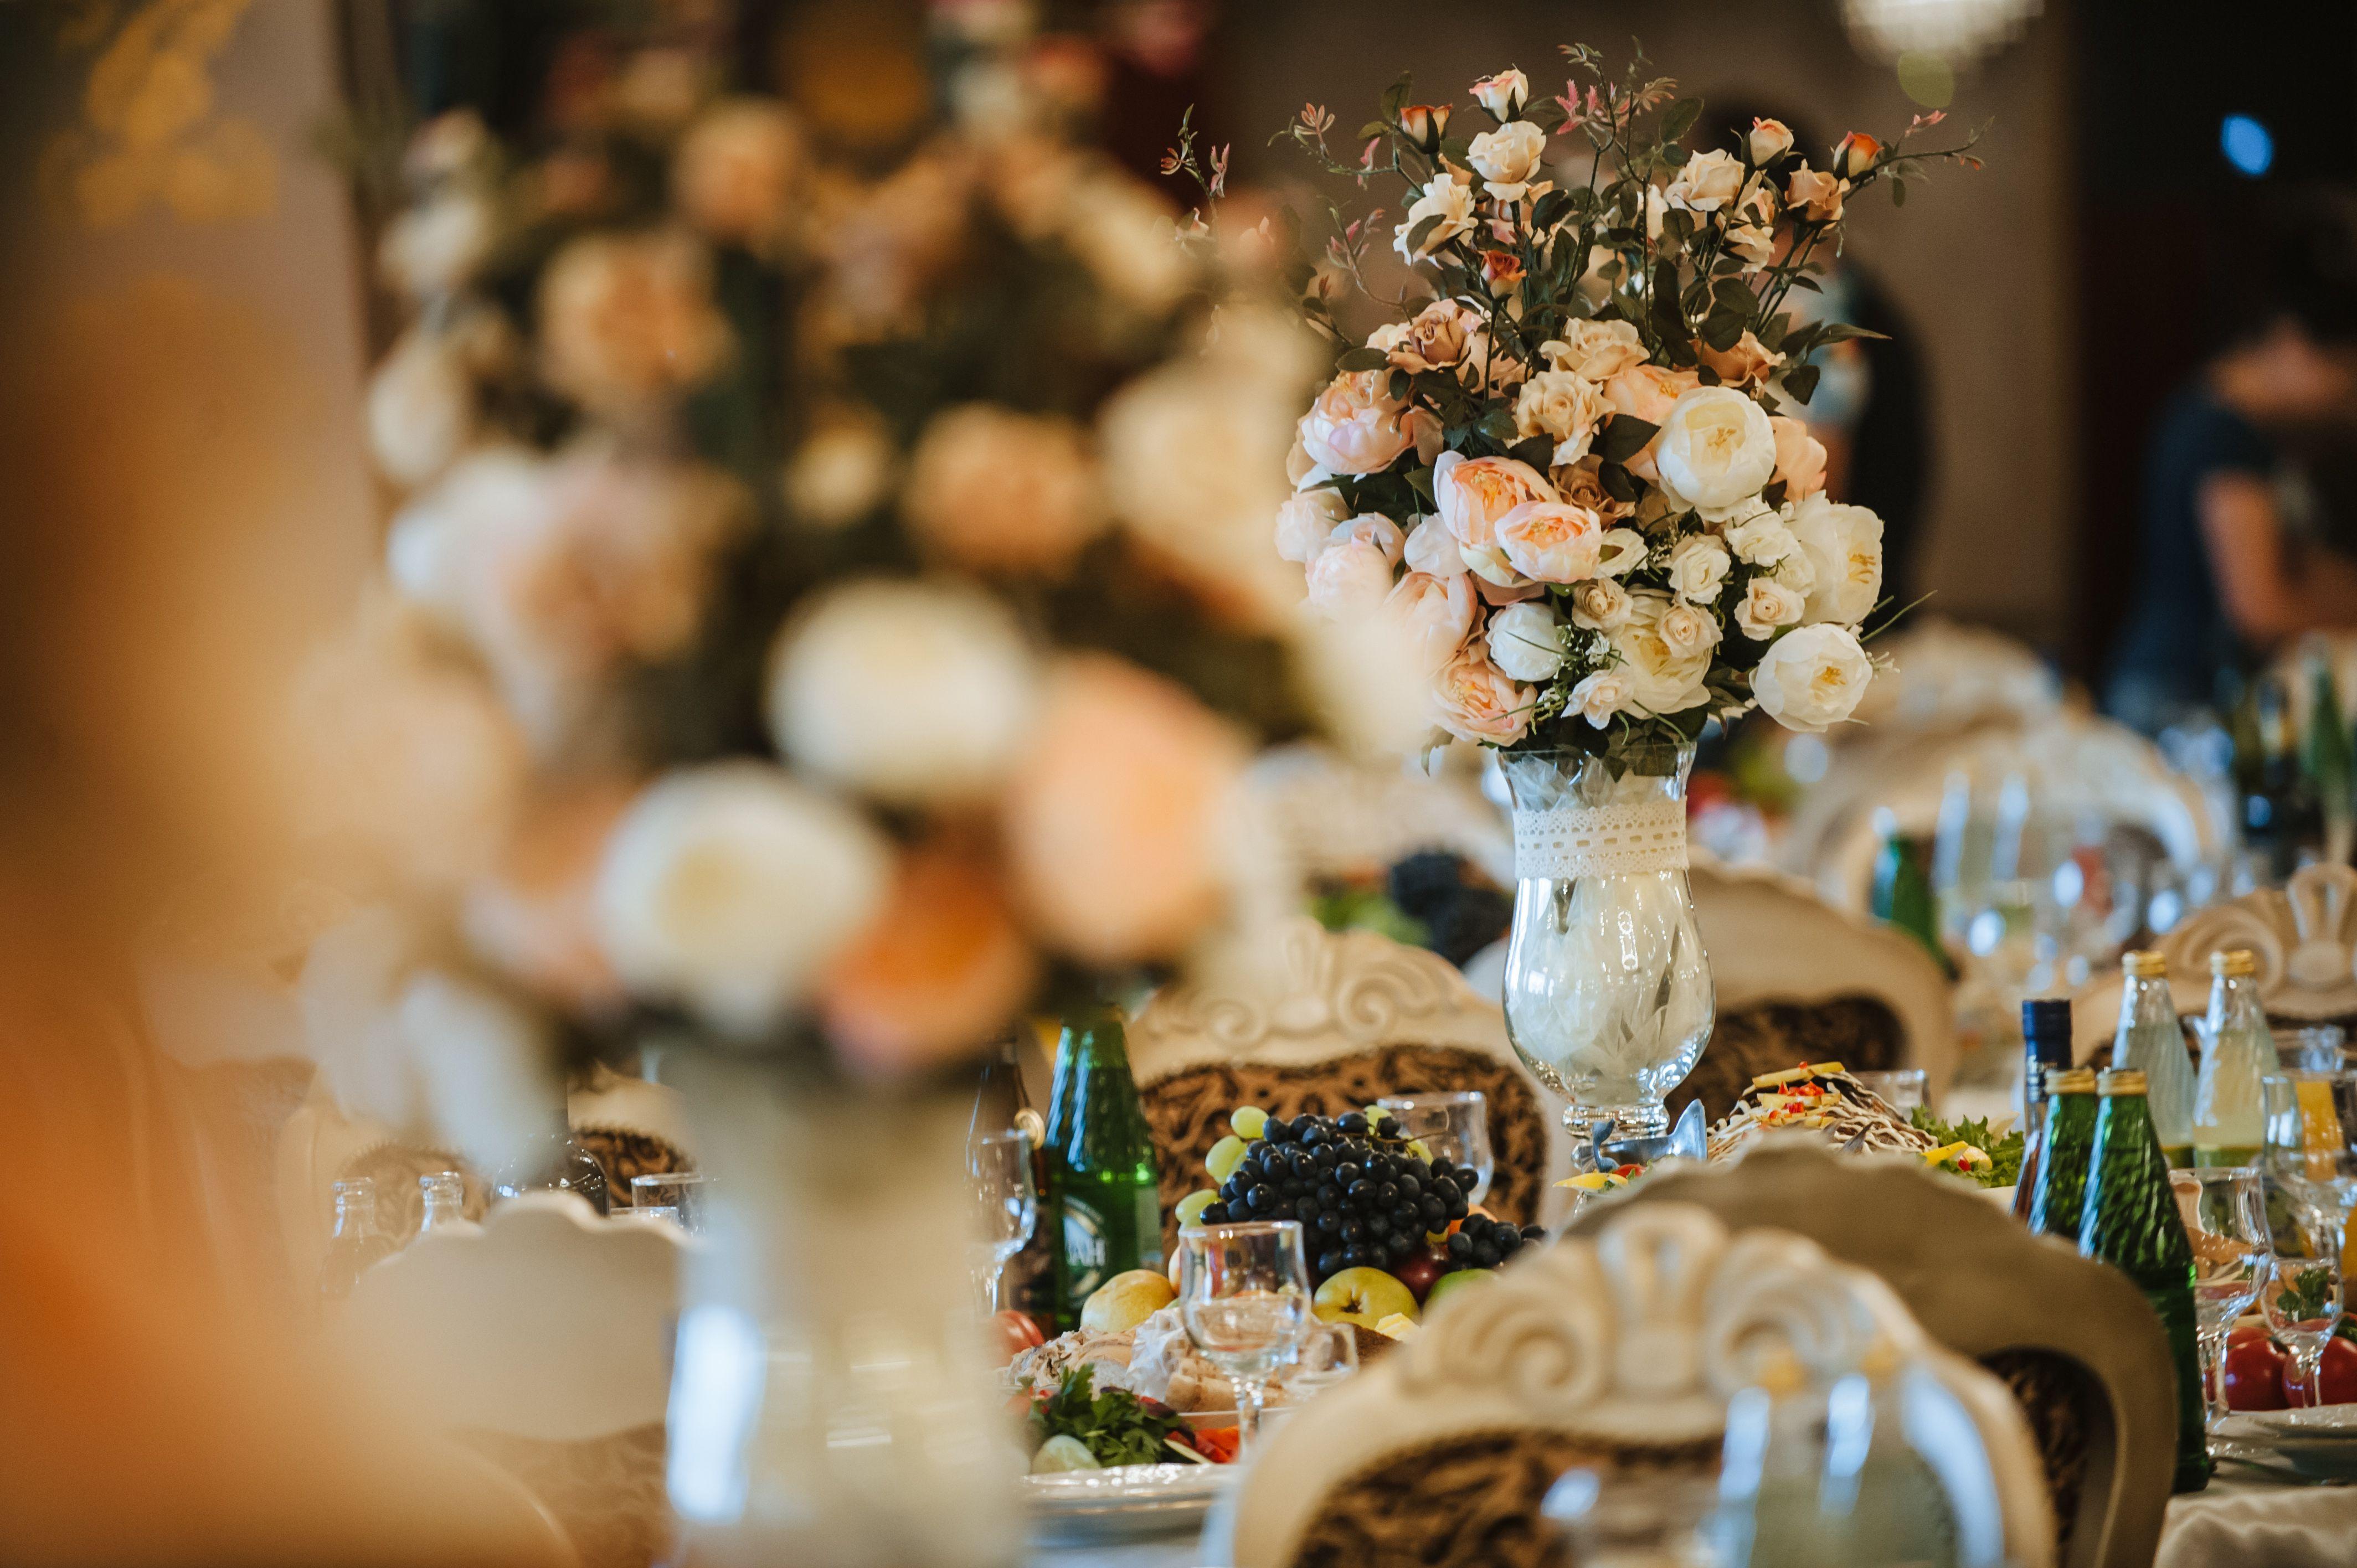 Нужно красивое оформление свадьбы и чудесные букеты? Мы знаем как это сделать! #Ростов #СвадьбаРостов #свадьба #декордлясвадьбы #декор